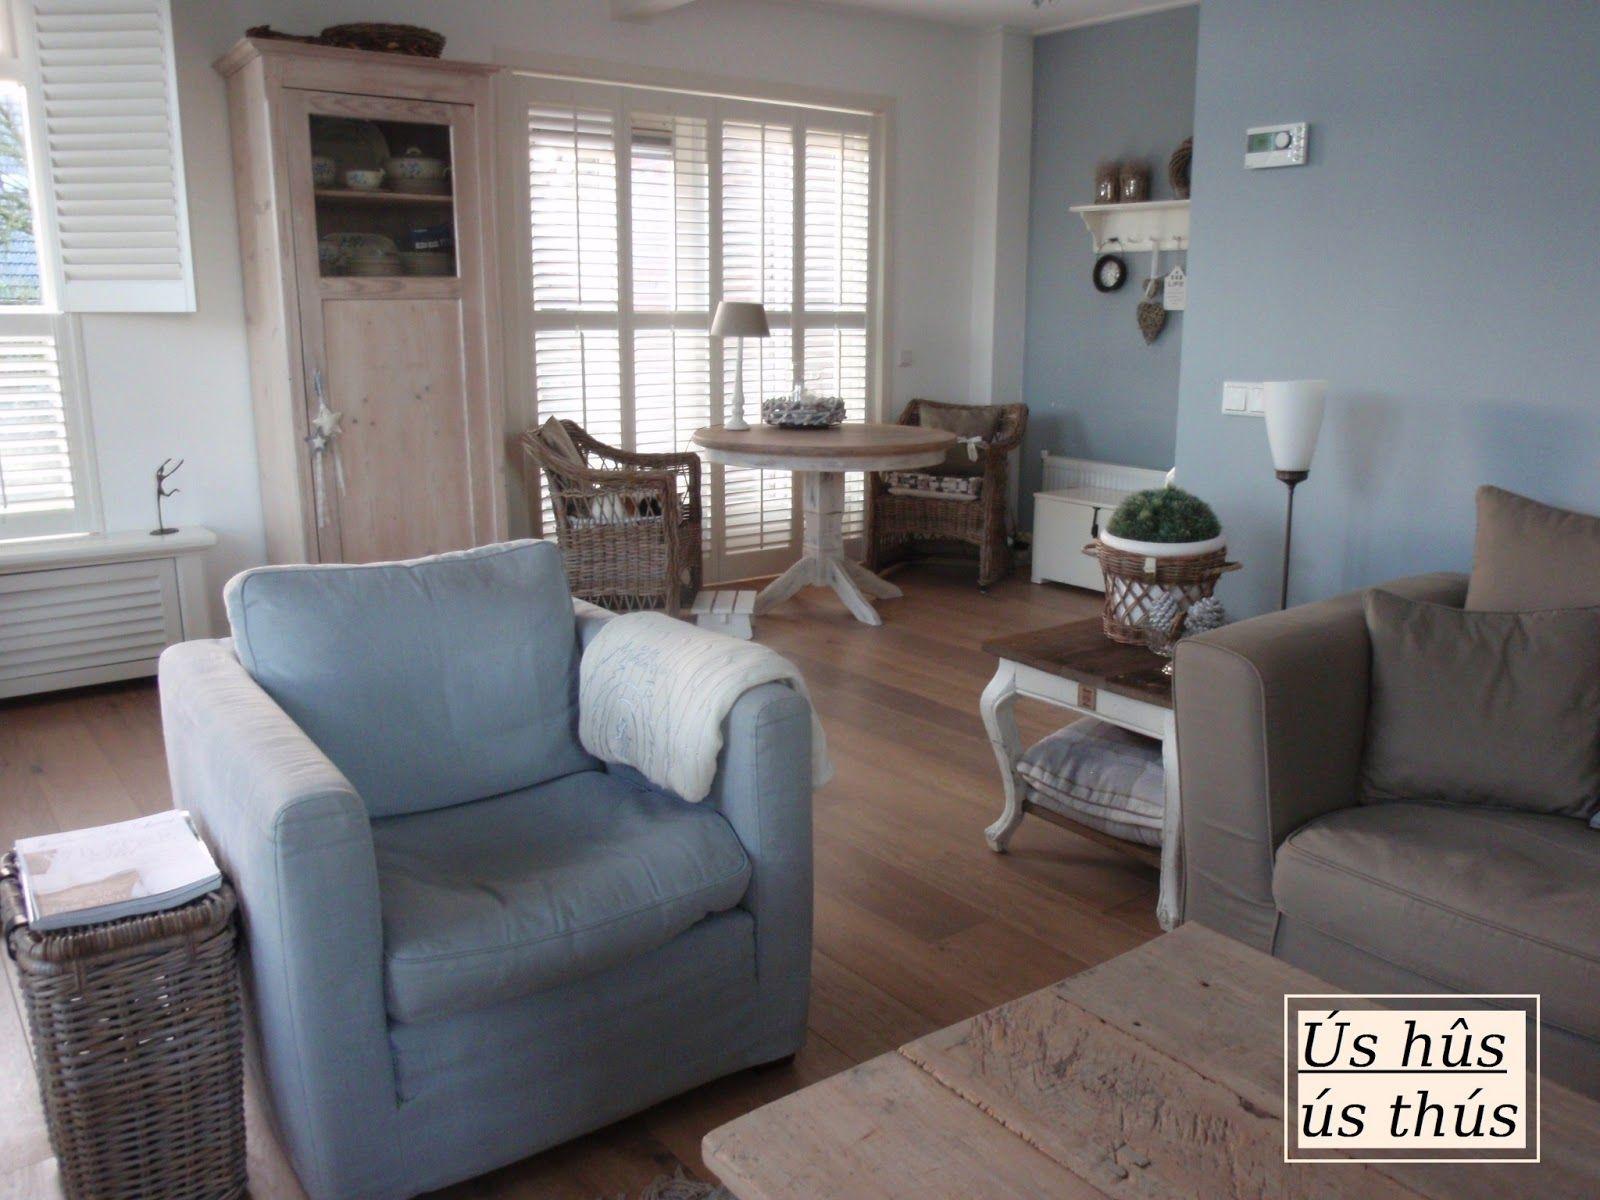 brocante stijl woonkamer - Google zoeken | Ideeën voor de woonkamer ...